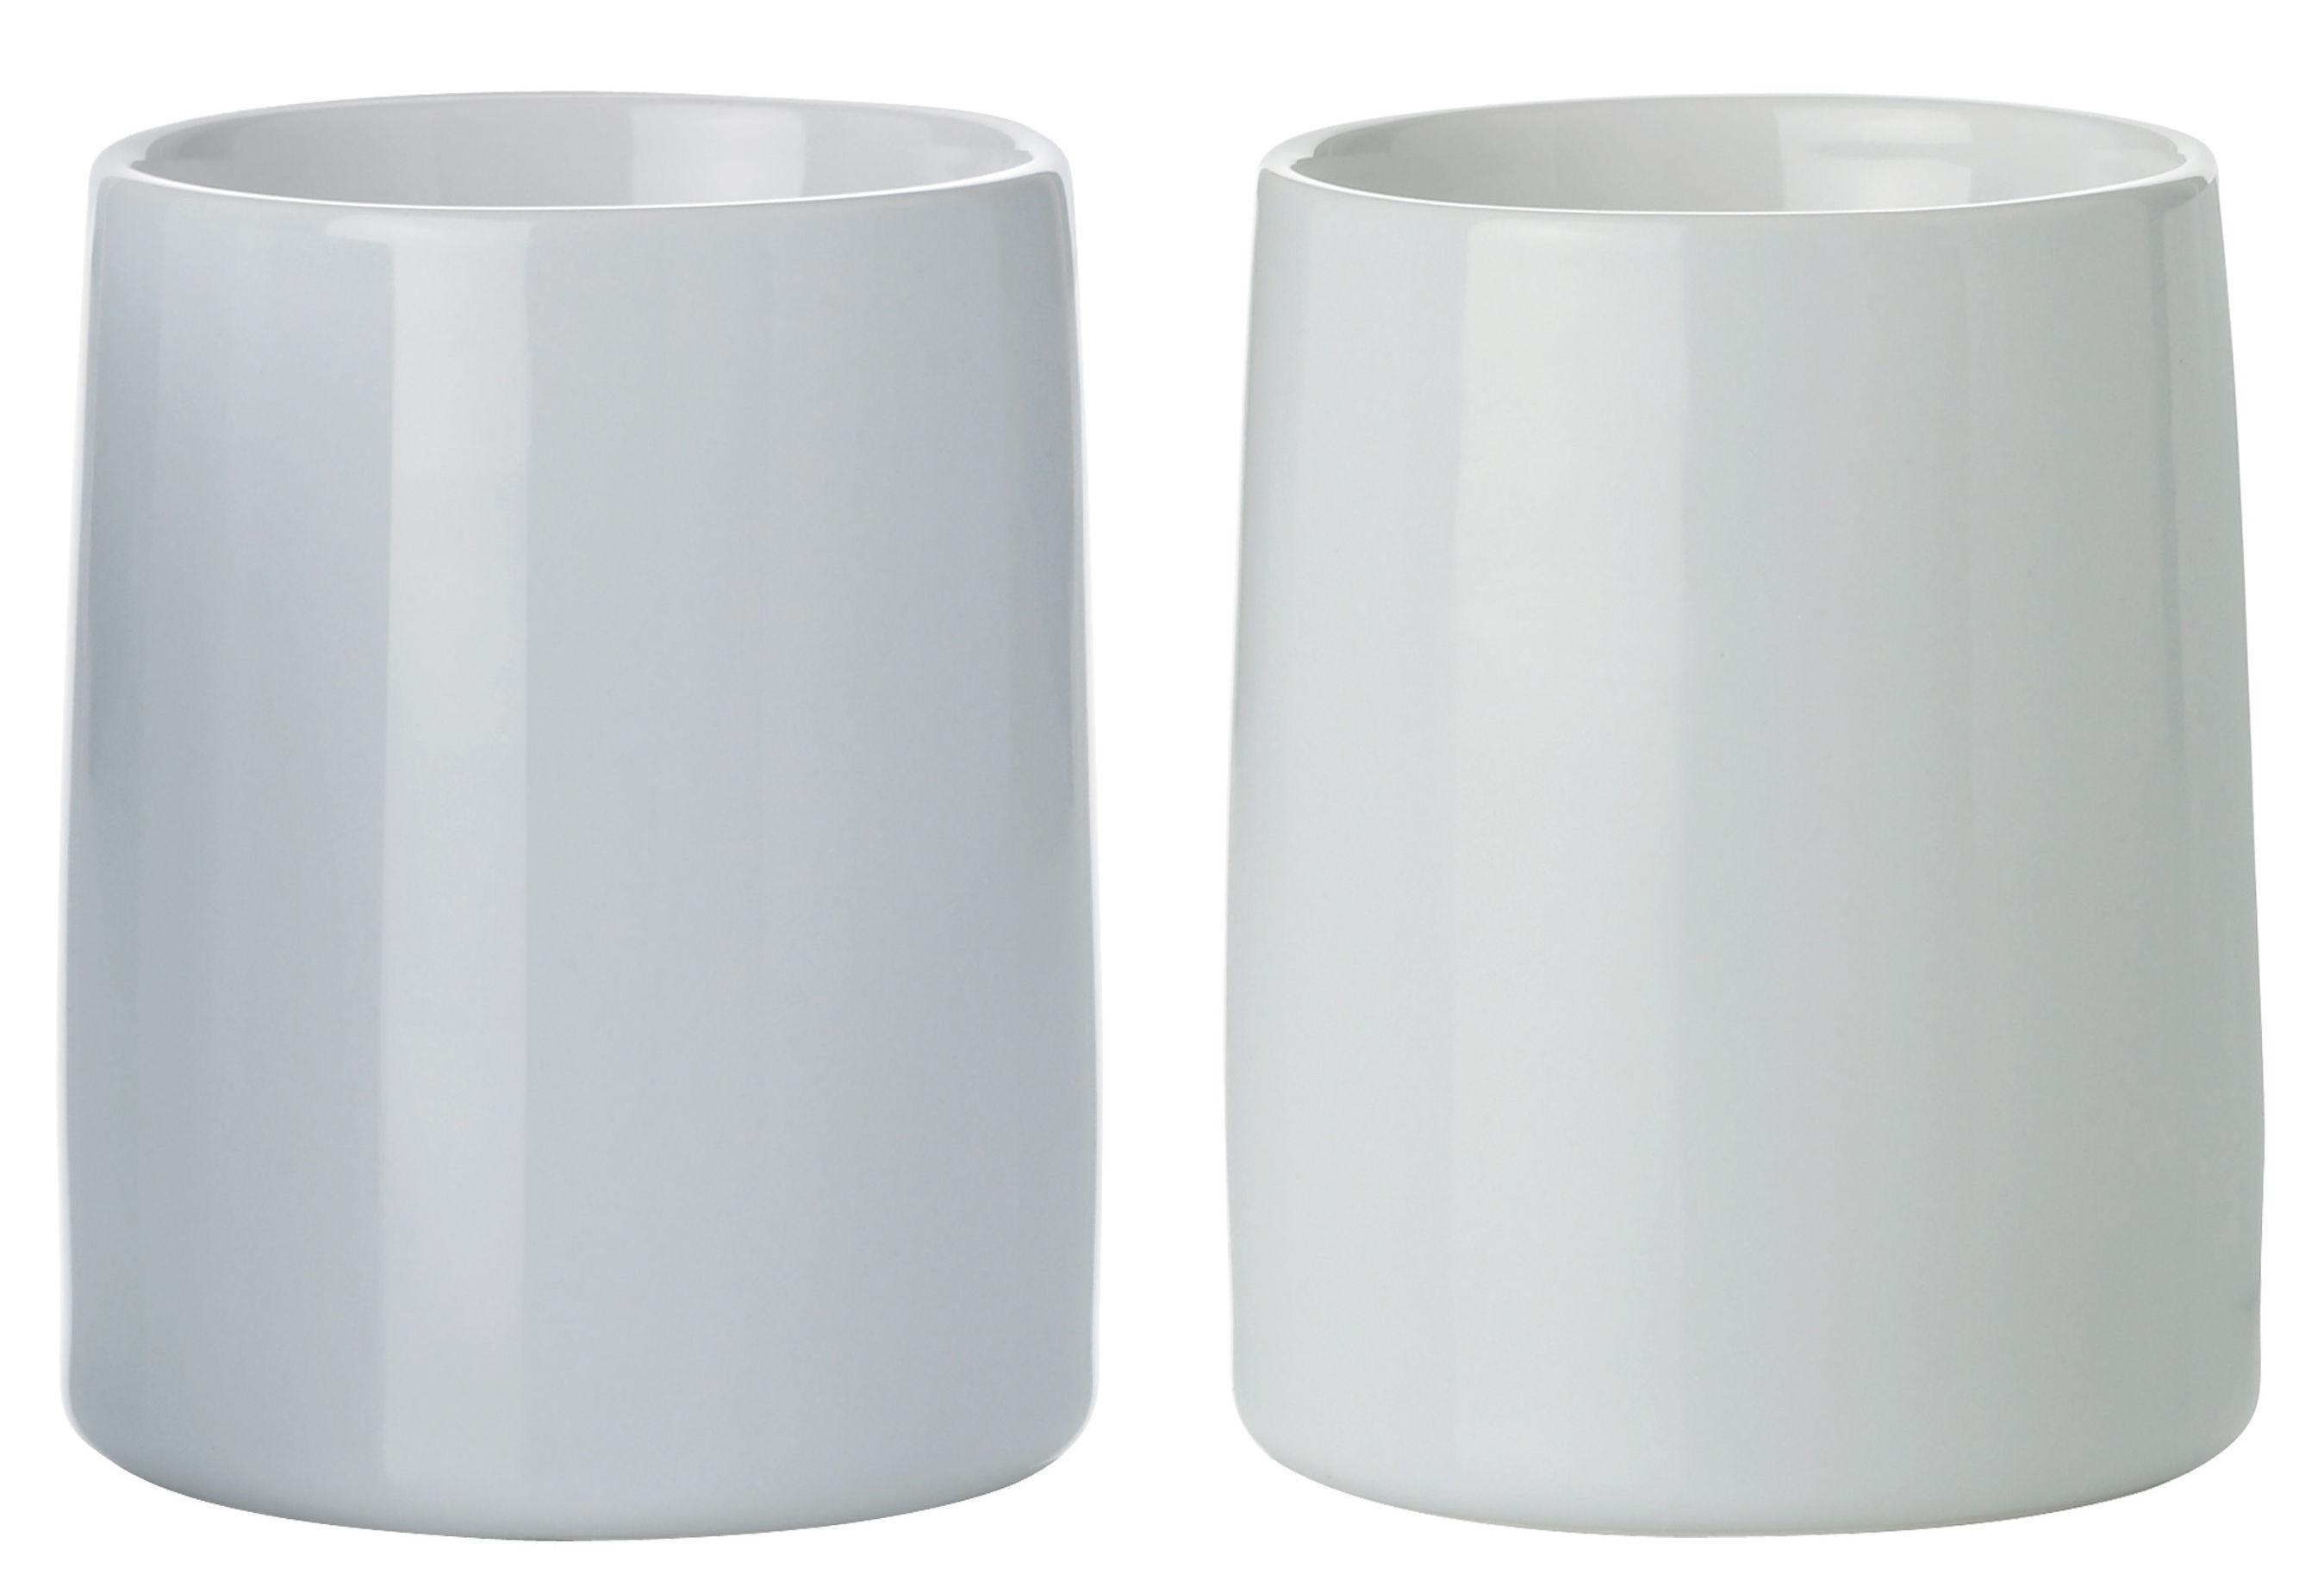 Tischkultur - Tassen und Becher - Emma Iso-Tasse thermoisolierend / 2er-Set - Stelton - Hellgrün / hellblau - Porzellan